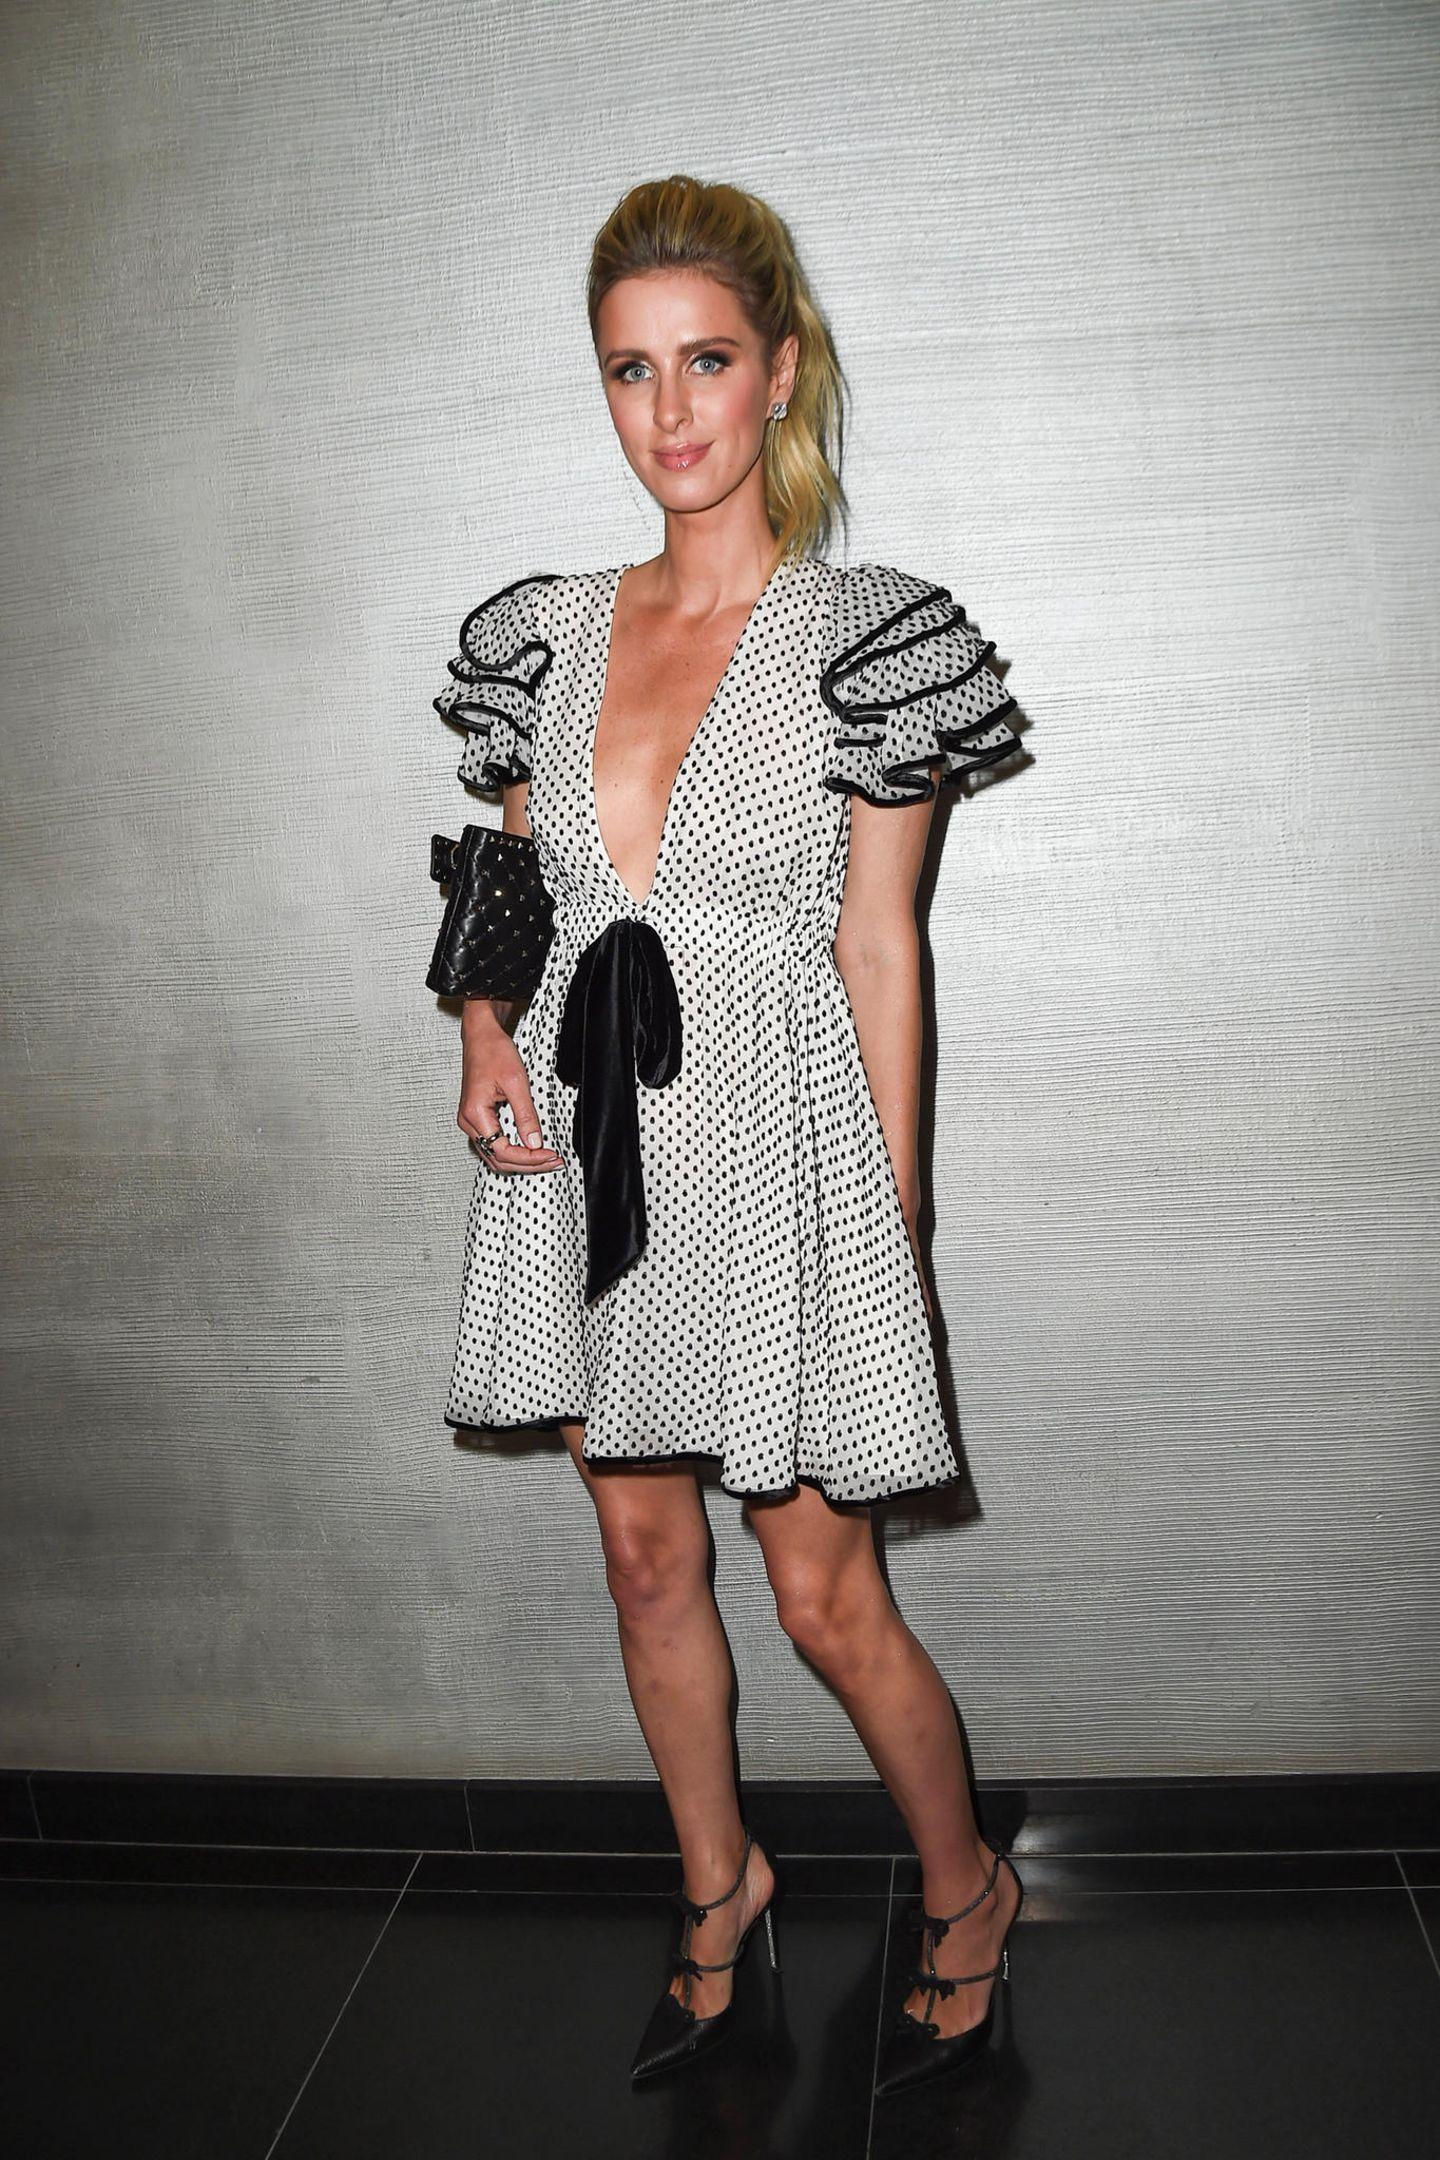 Neue Show, neuer Look: Für die Schau von Ralph&Russo wechselt Nicky Hilton in ein anderes Kleid. Mit schwarzer Schleife und auffälligen Ärmeln wird es zum absoluten Hingucker.